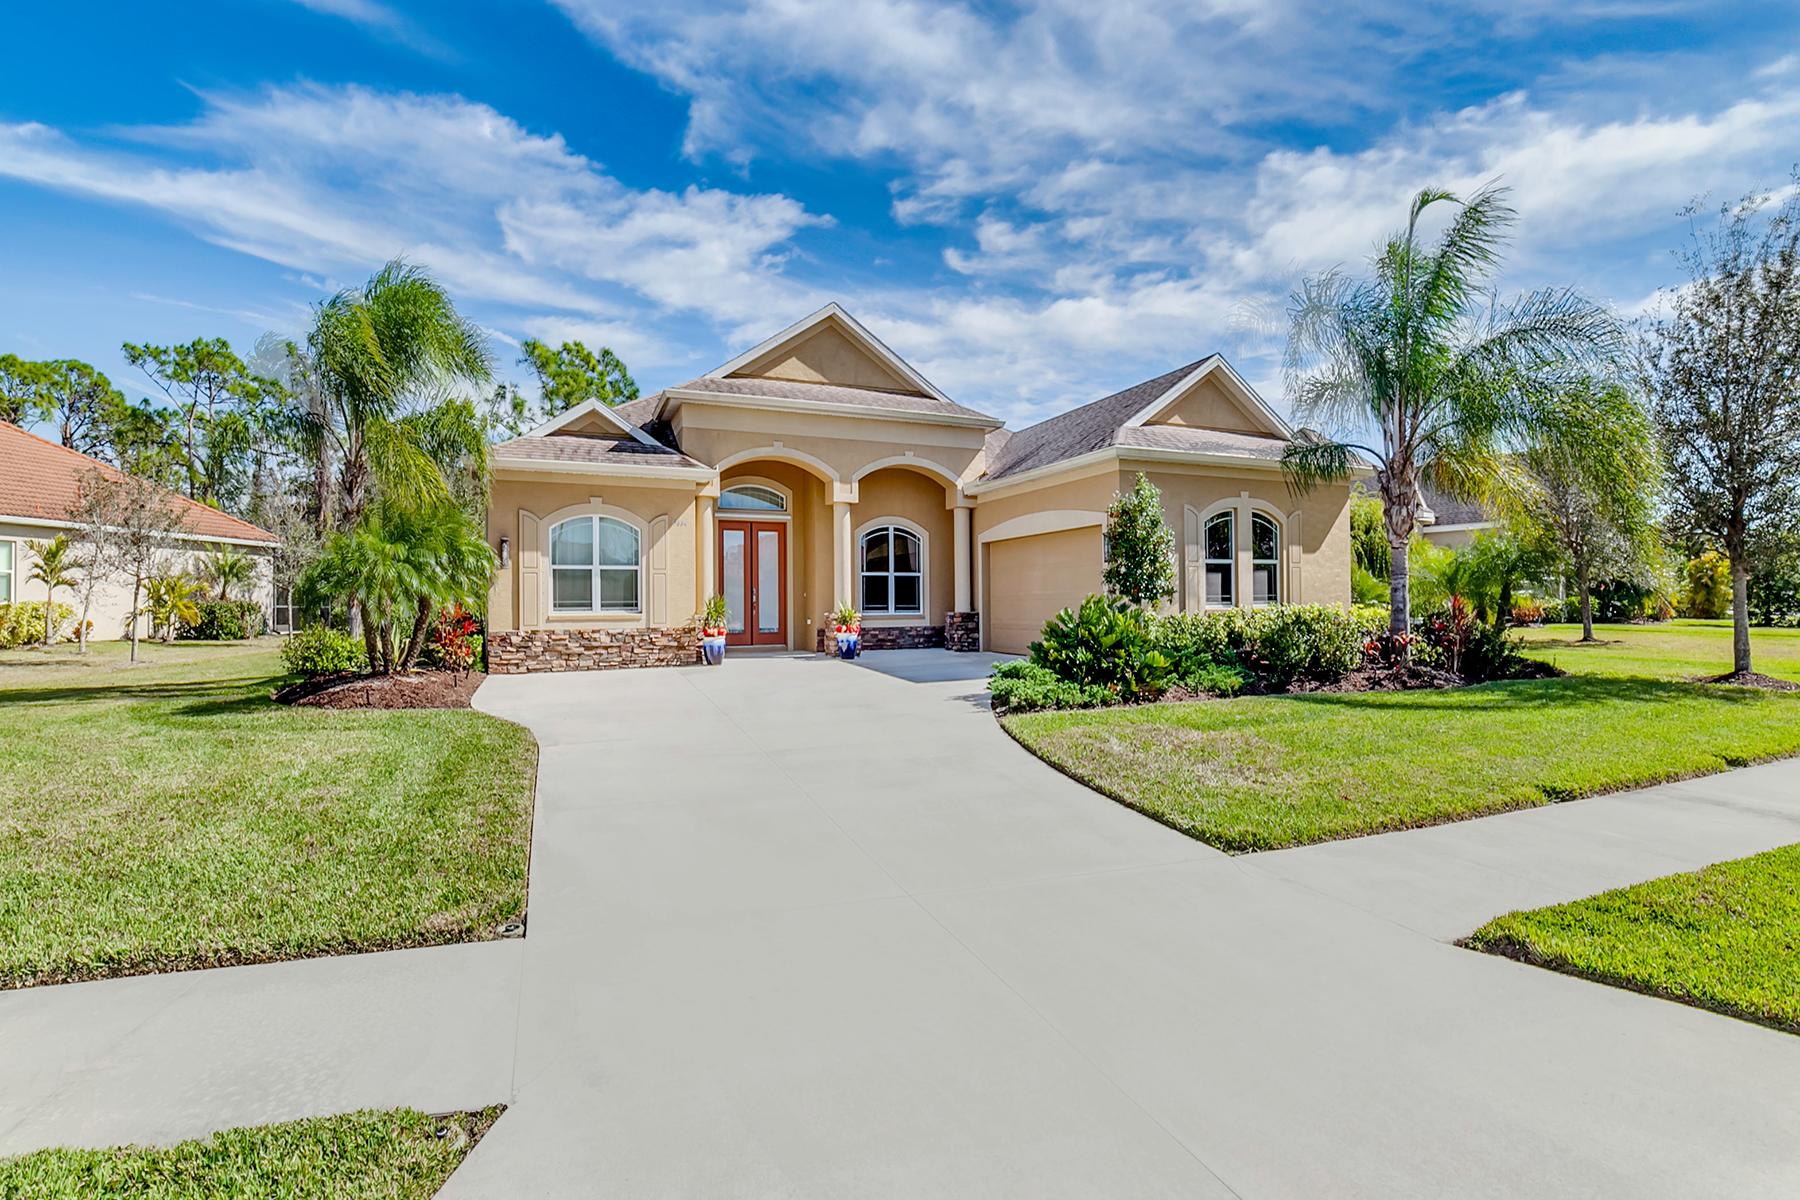 واحد منزل الأسرة للـ Sale في STONEWALK 19664 Cobblestone Cir, Venice, Florida, 34292 United States